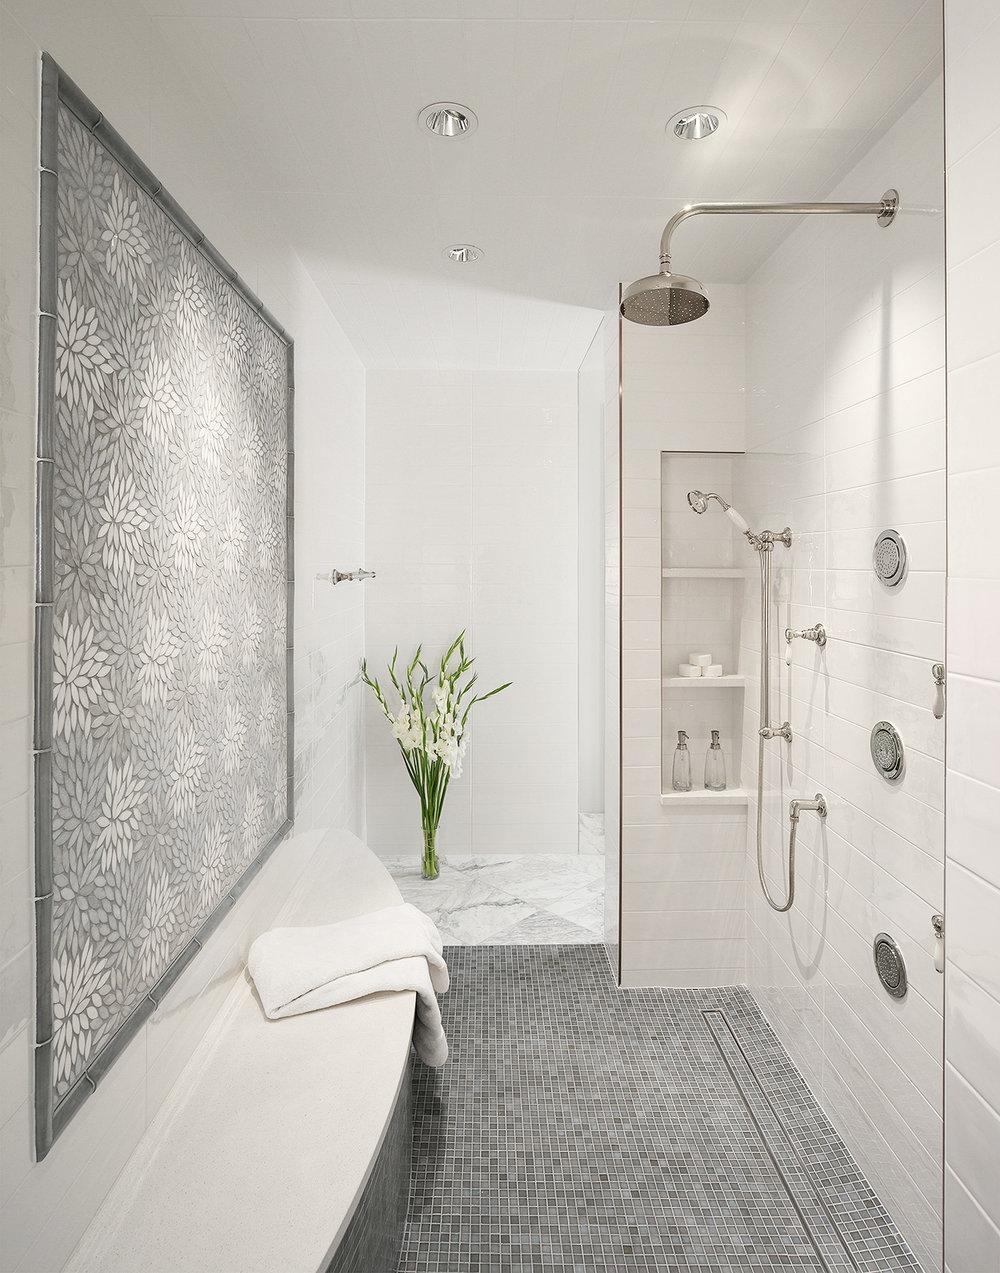 Luxury bathroom photography